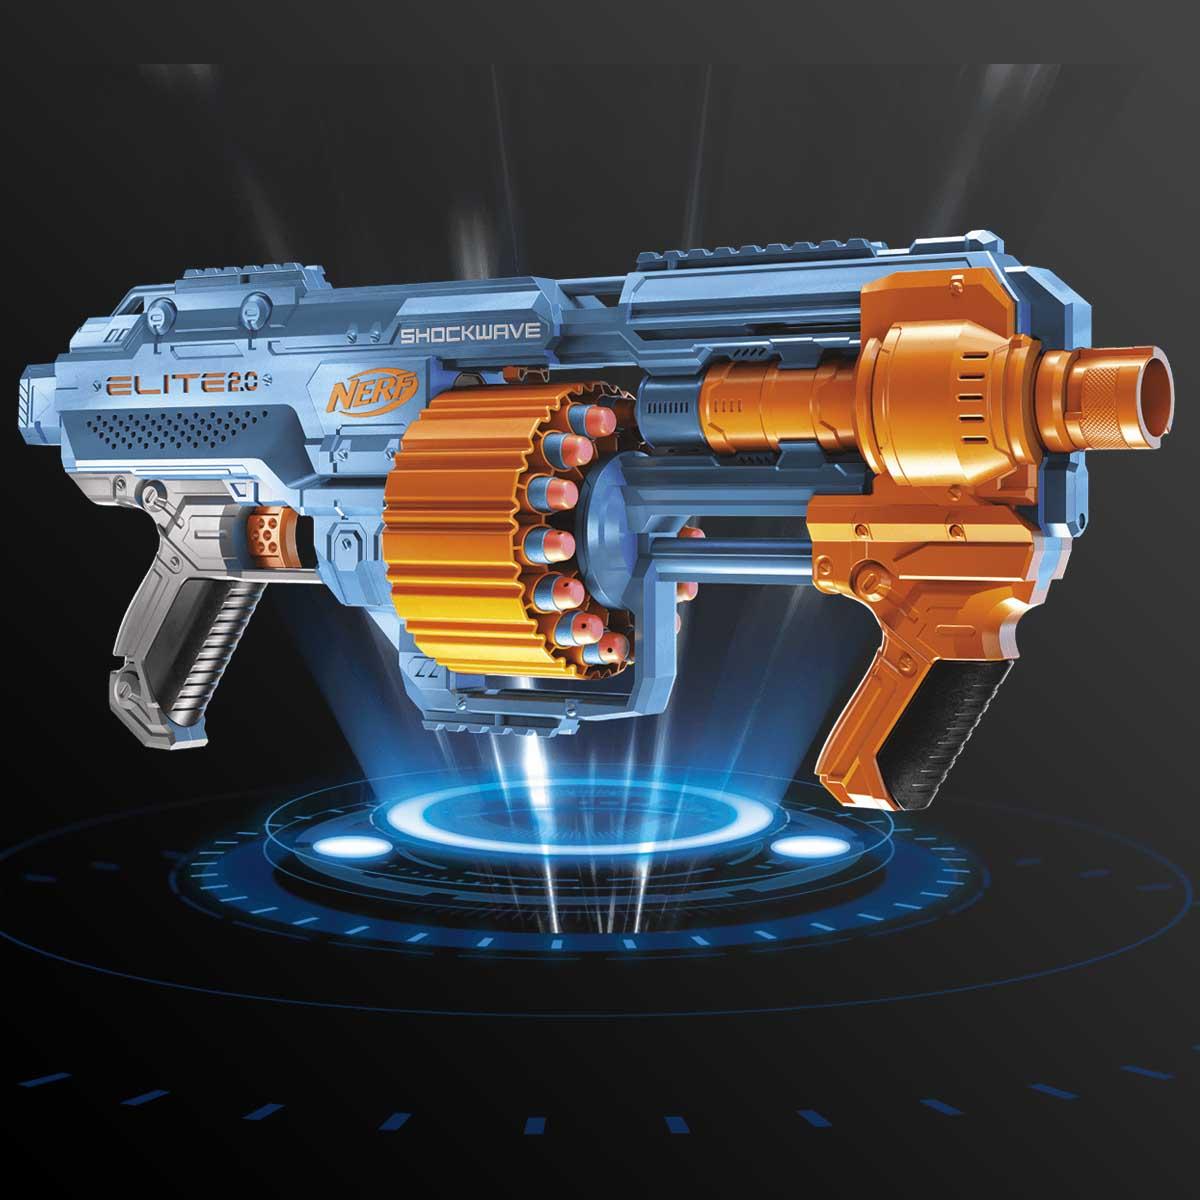 ТОП Лучшее игрушечное оружие Nerf